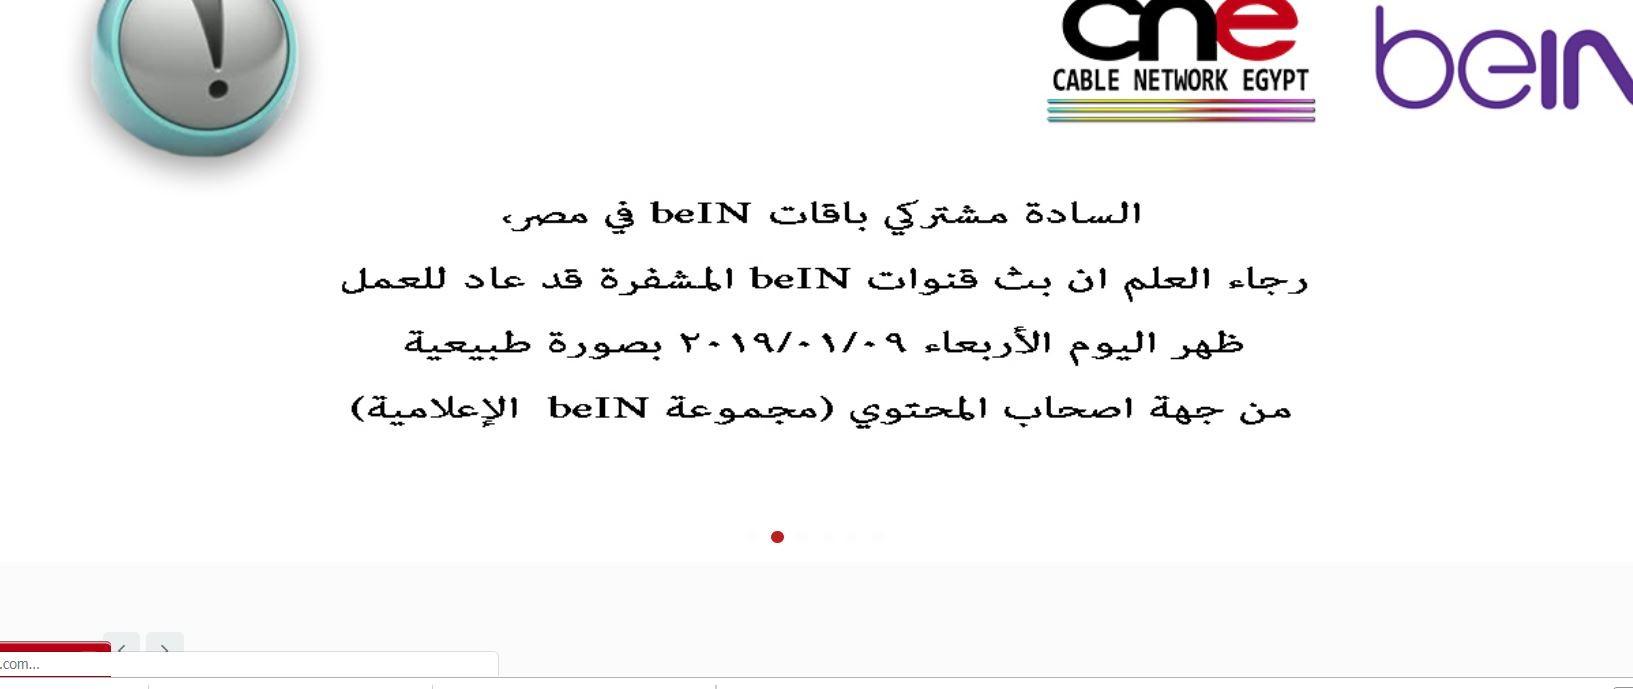 أول رد  مصري بعد عودة قنوات beIN SPORTS القطرية للبث مجددا!